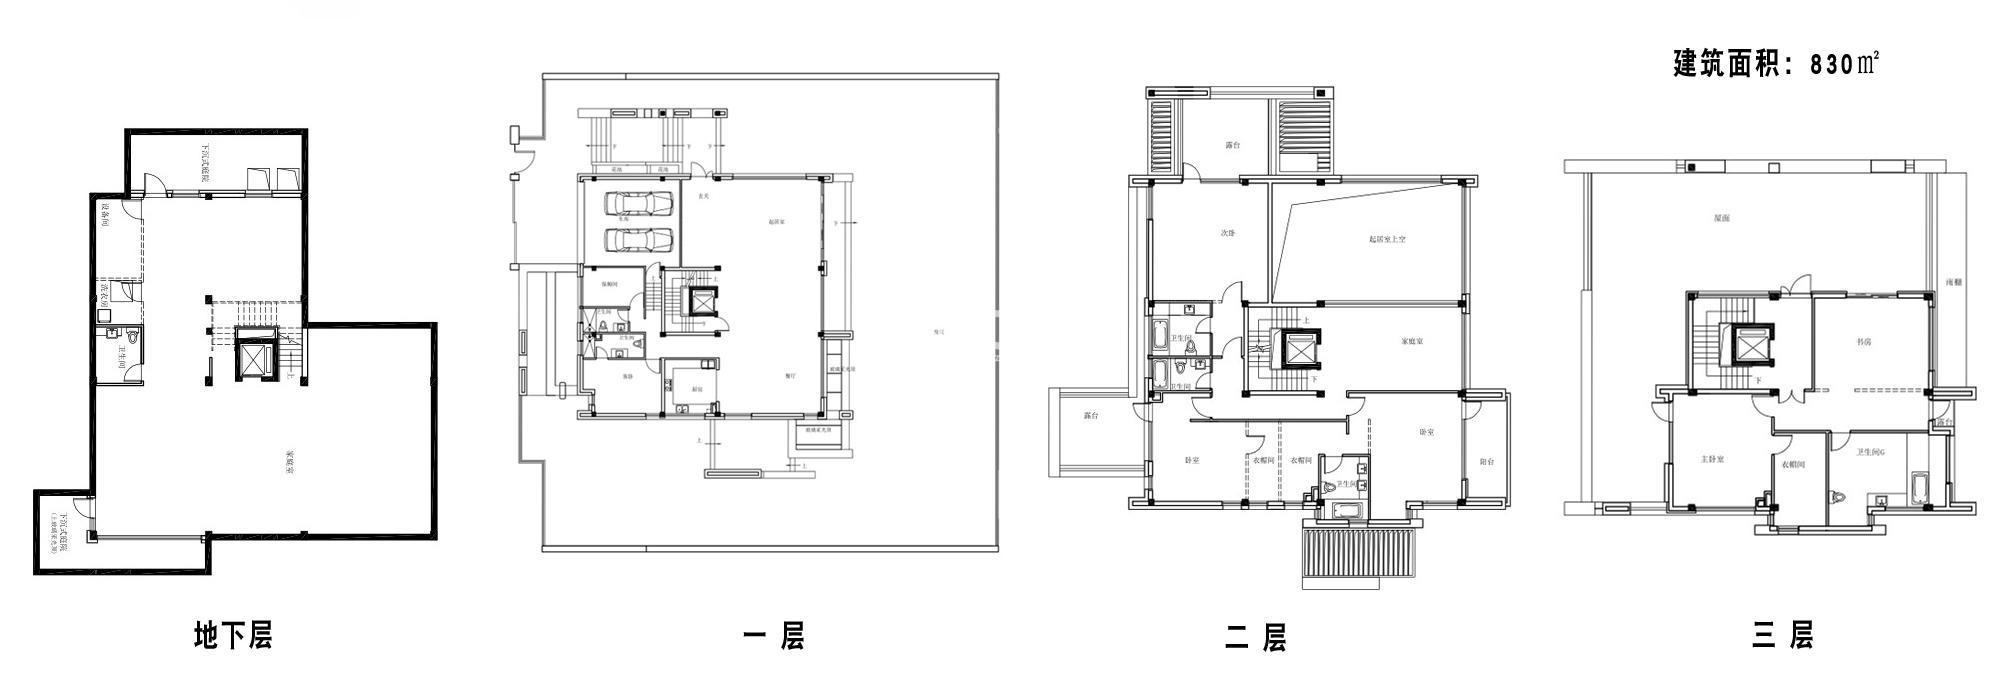 保利独墅西岸约830平户型平面图